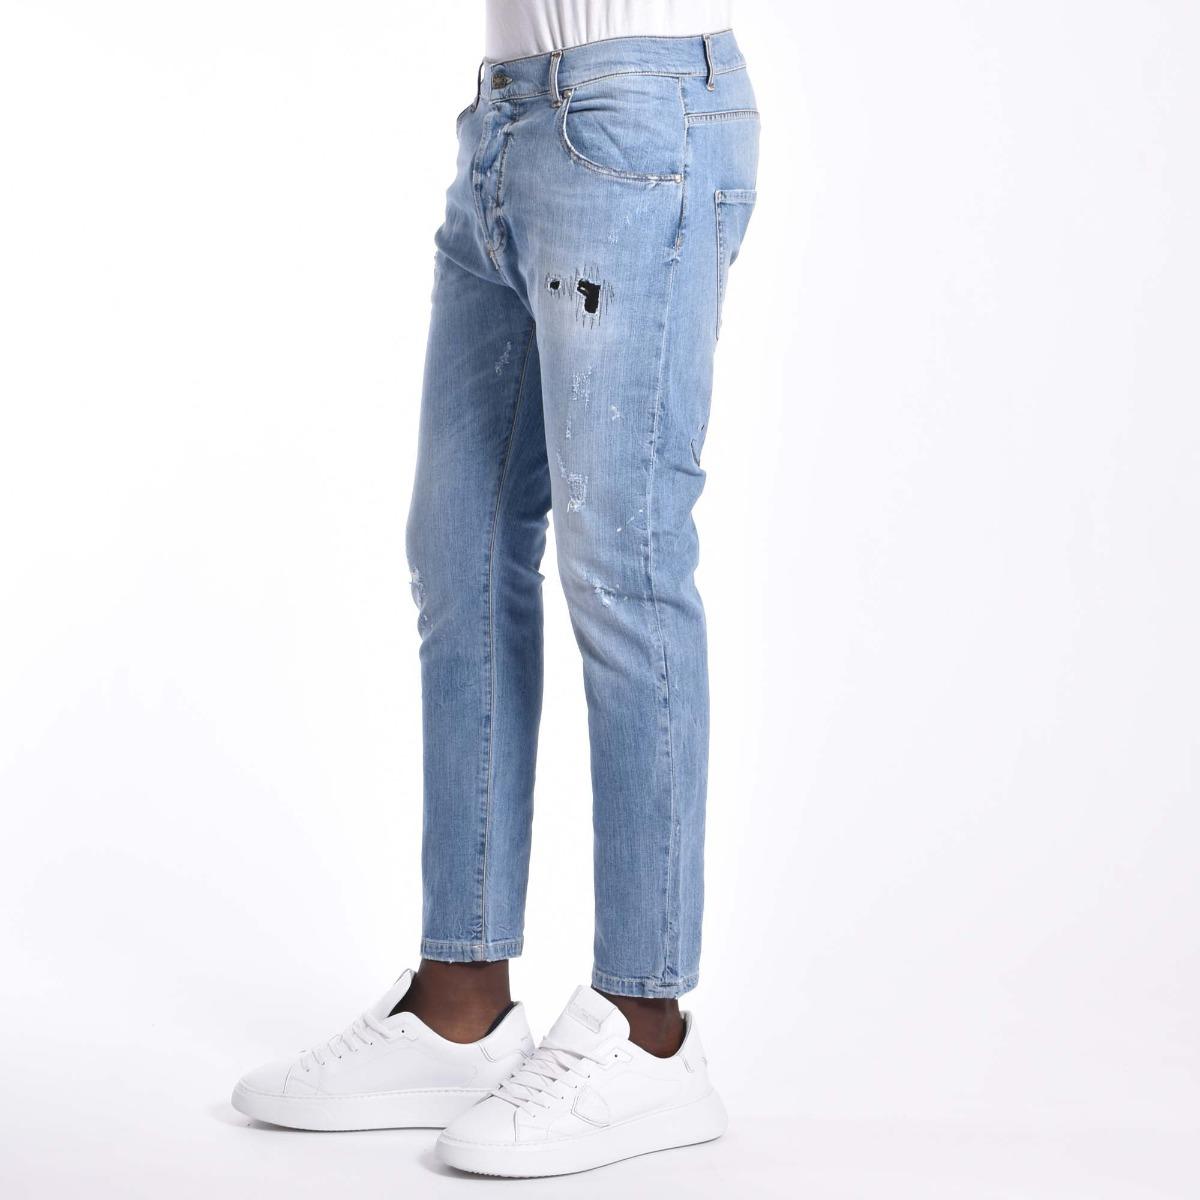 Jeans renato rasca - Denim